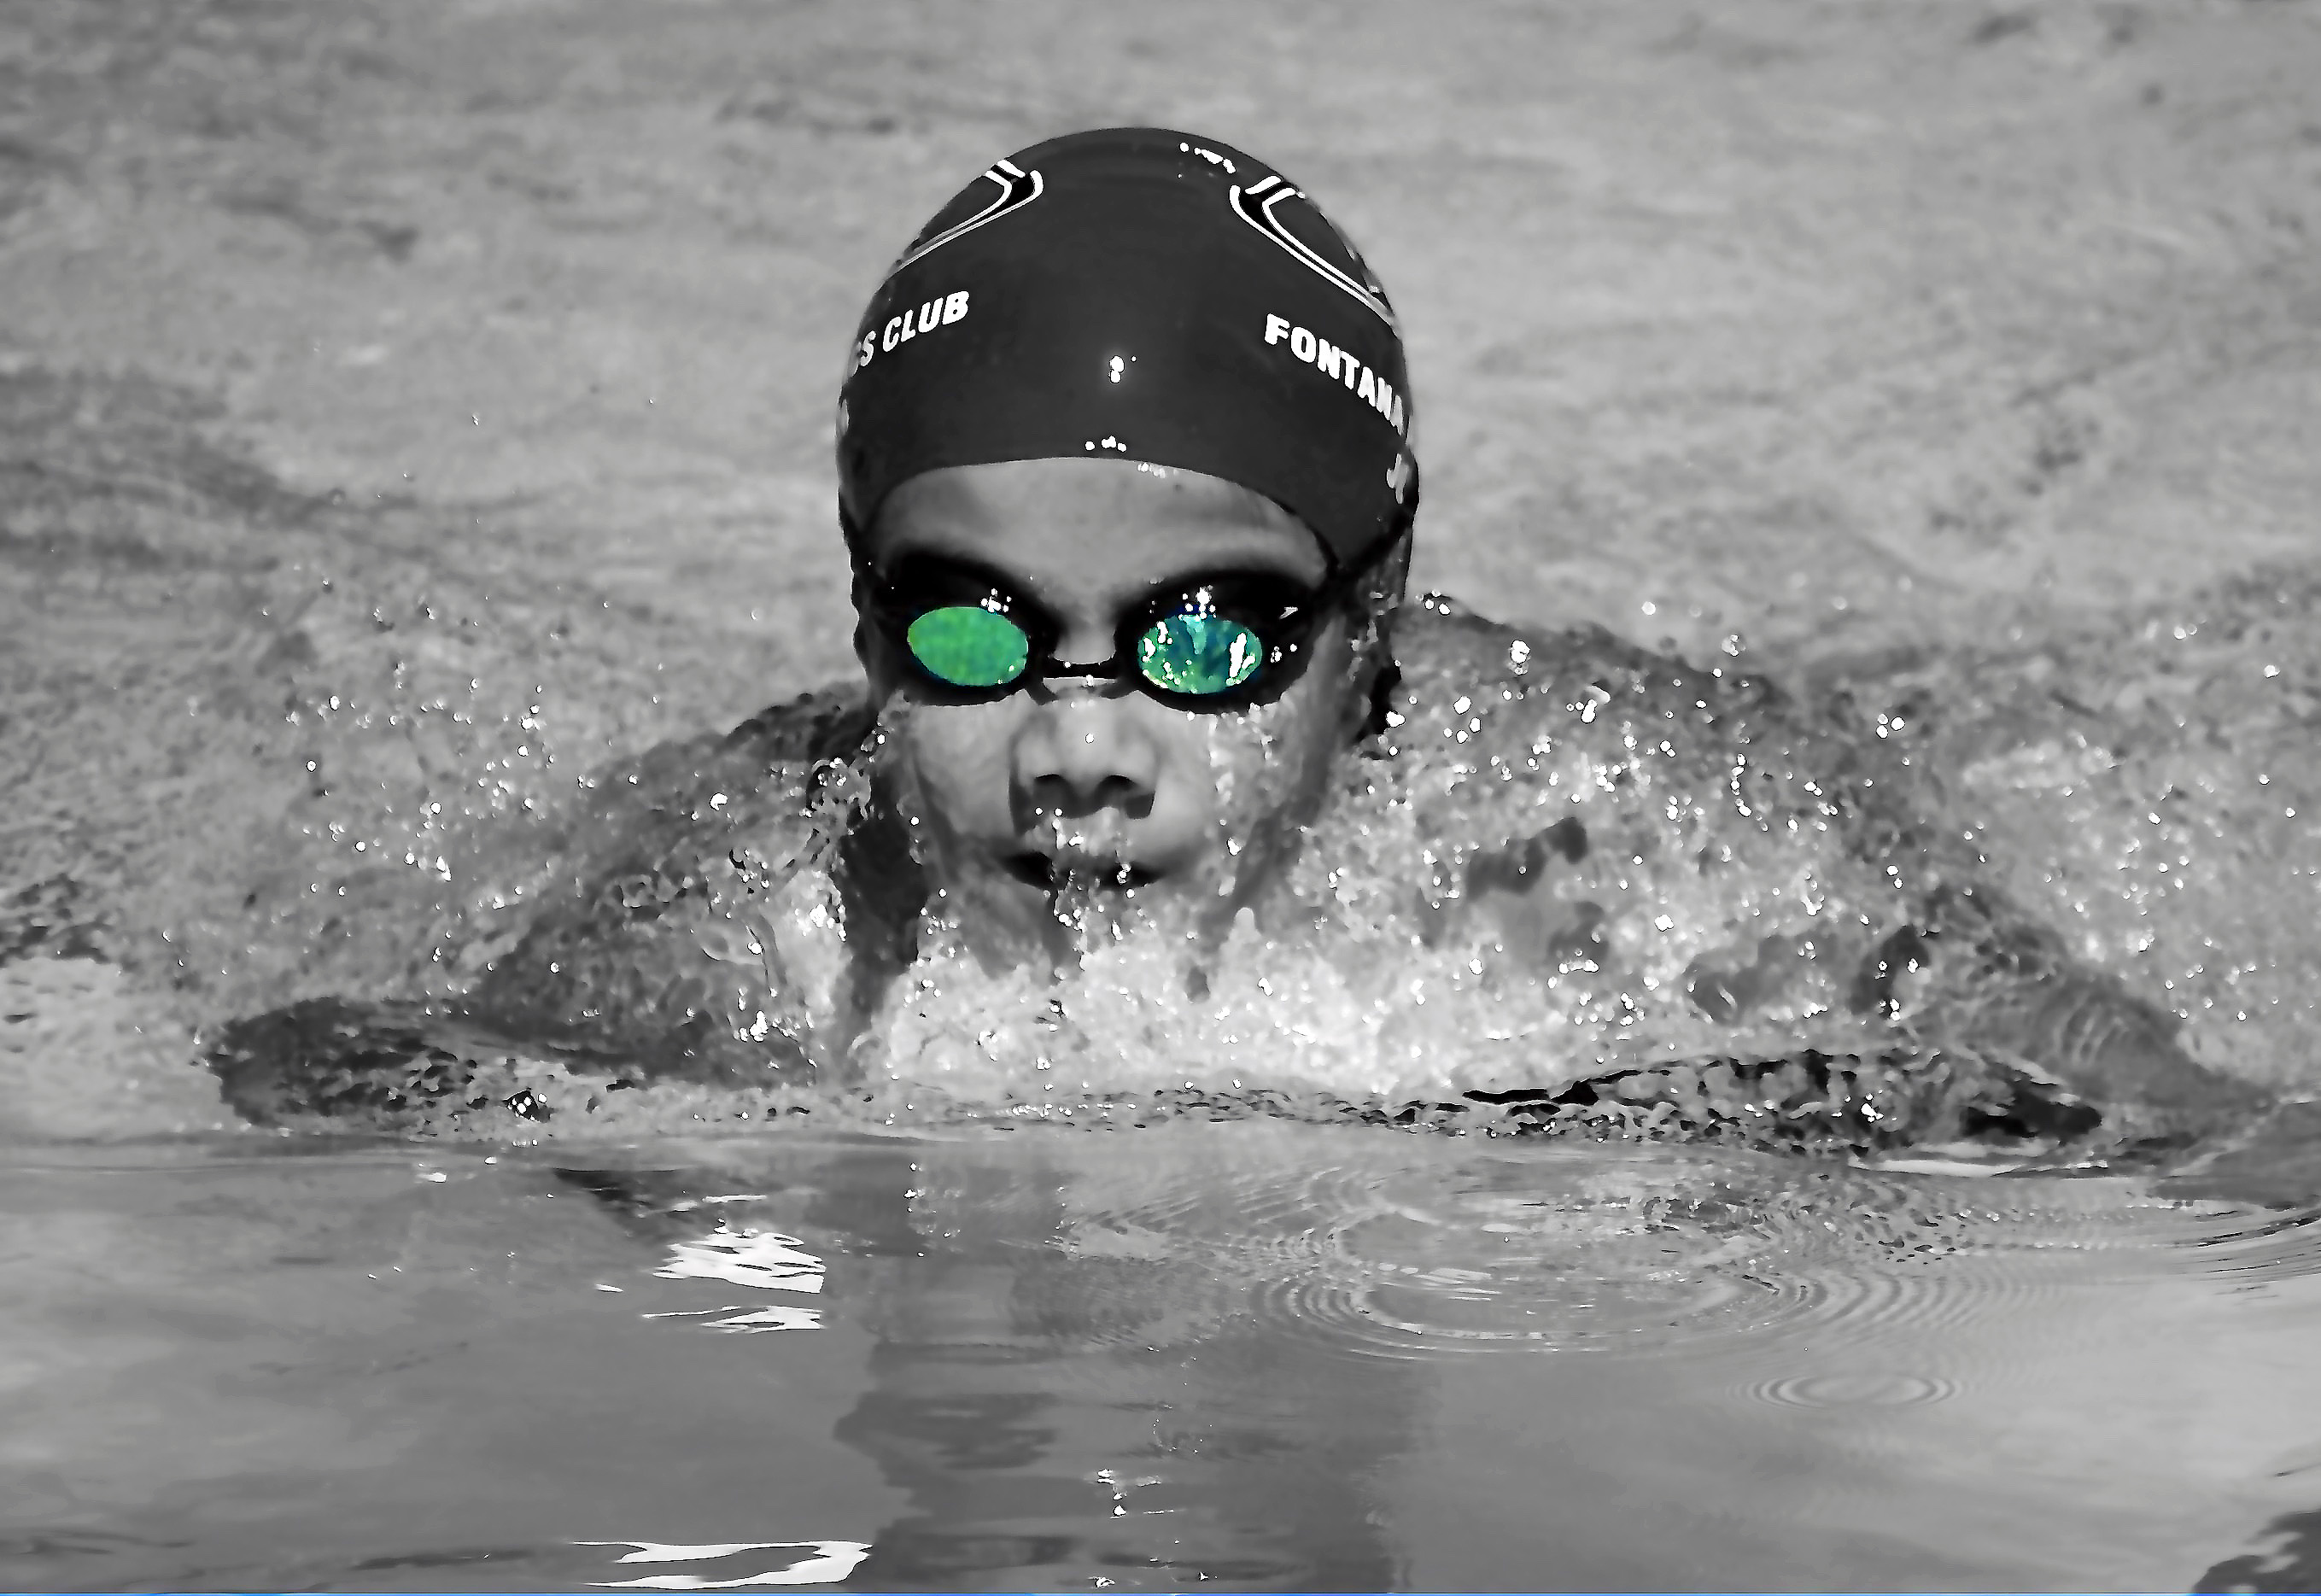 Fontana Swim Meet